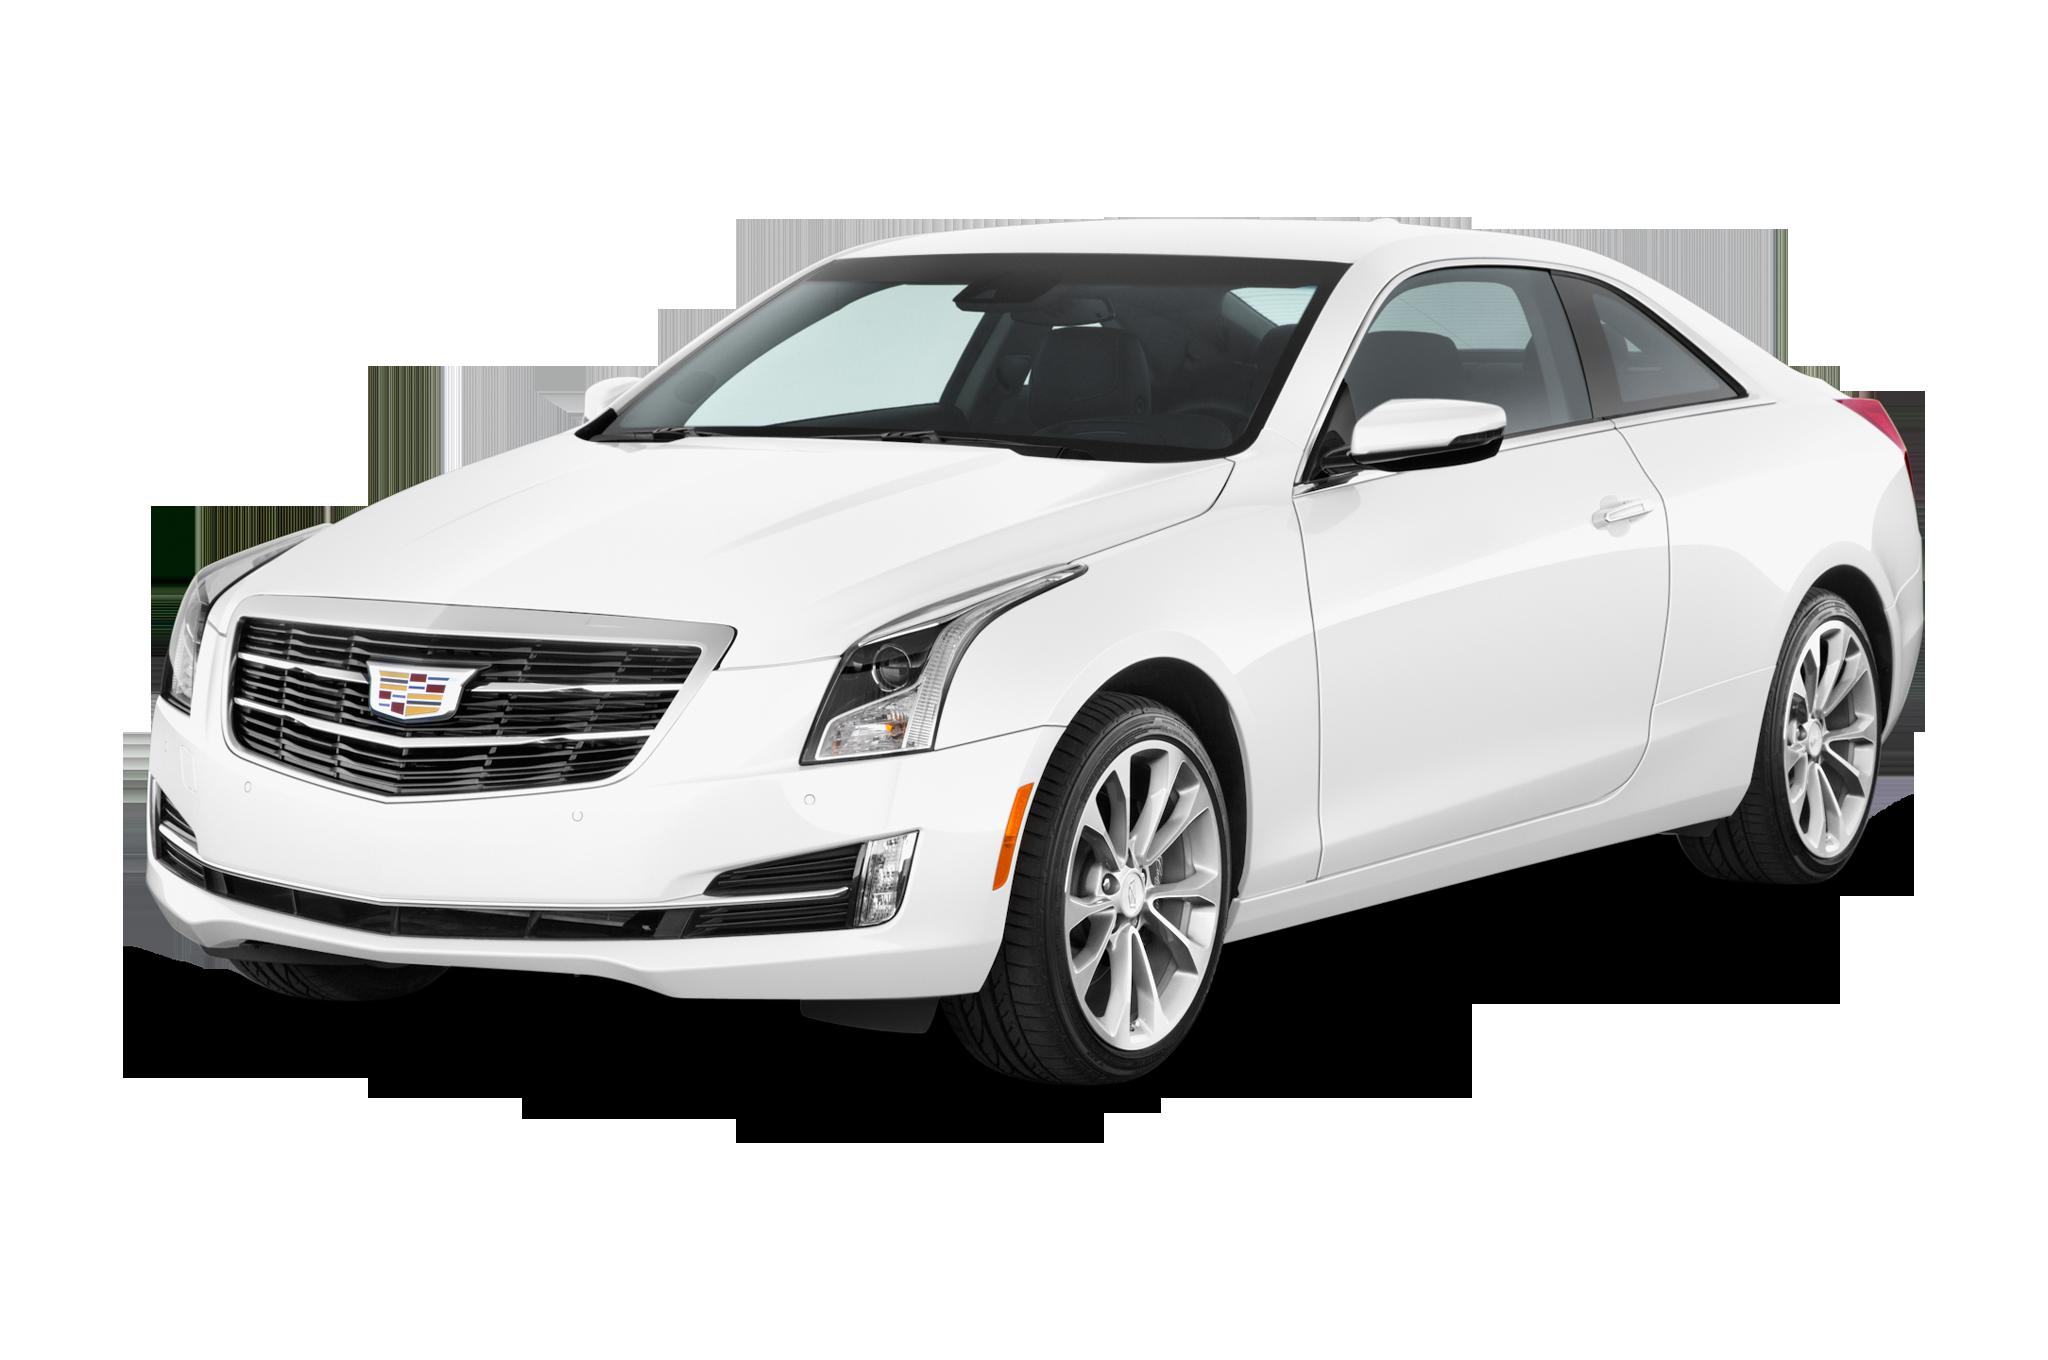 2018 cadillac ats reviews and rating motor trend rh motortrend com cadillac ats 2.0 turbo manual review 2013 Cadillac ATS 2.0 Turbo